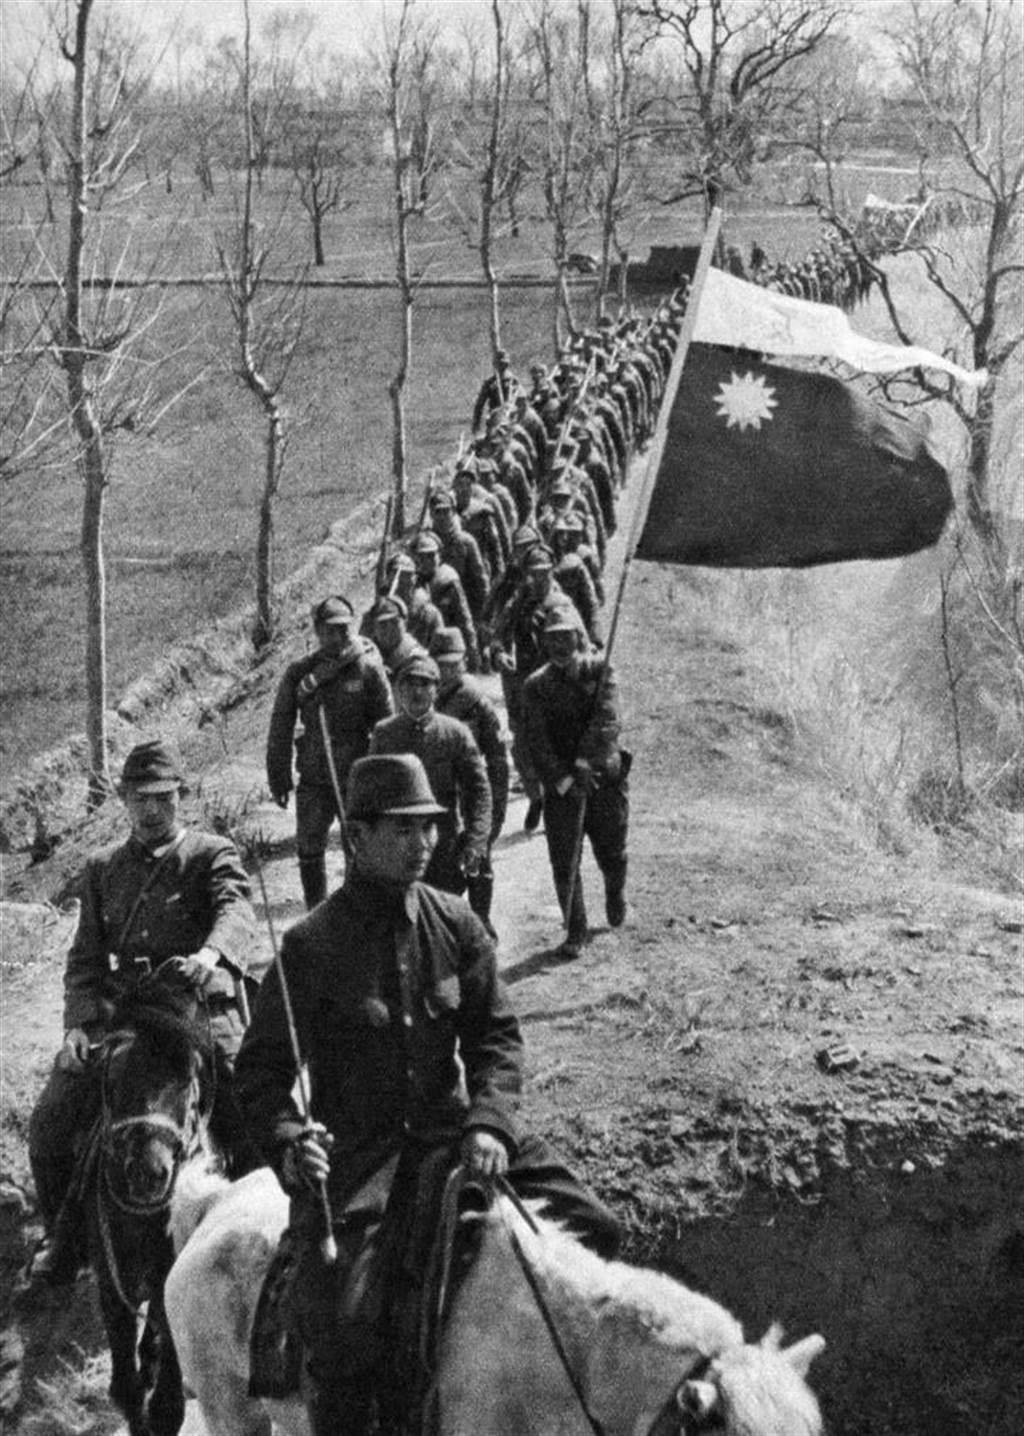 1940年6月,豫北游击总队司令刘昌义率部接受日军改编为和平建国军战编第21师。虽然是诈降,但是却给人们建立了国民党游击队比中共更容易动摇的政治形象。(网路照片)